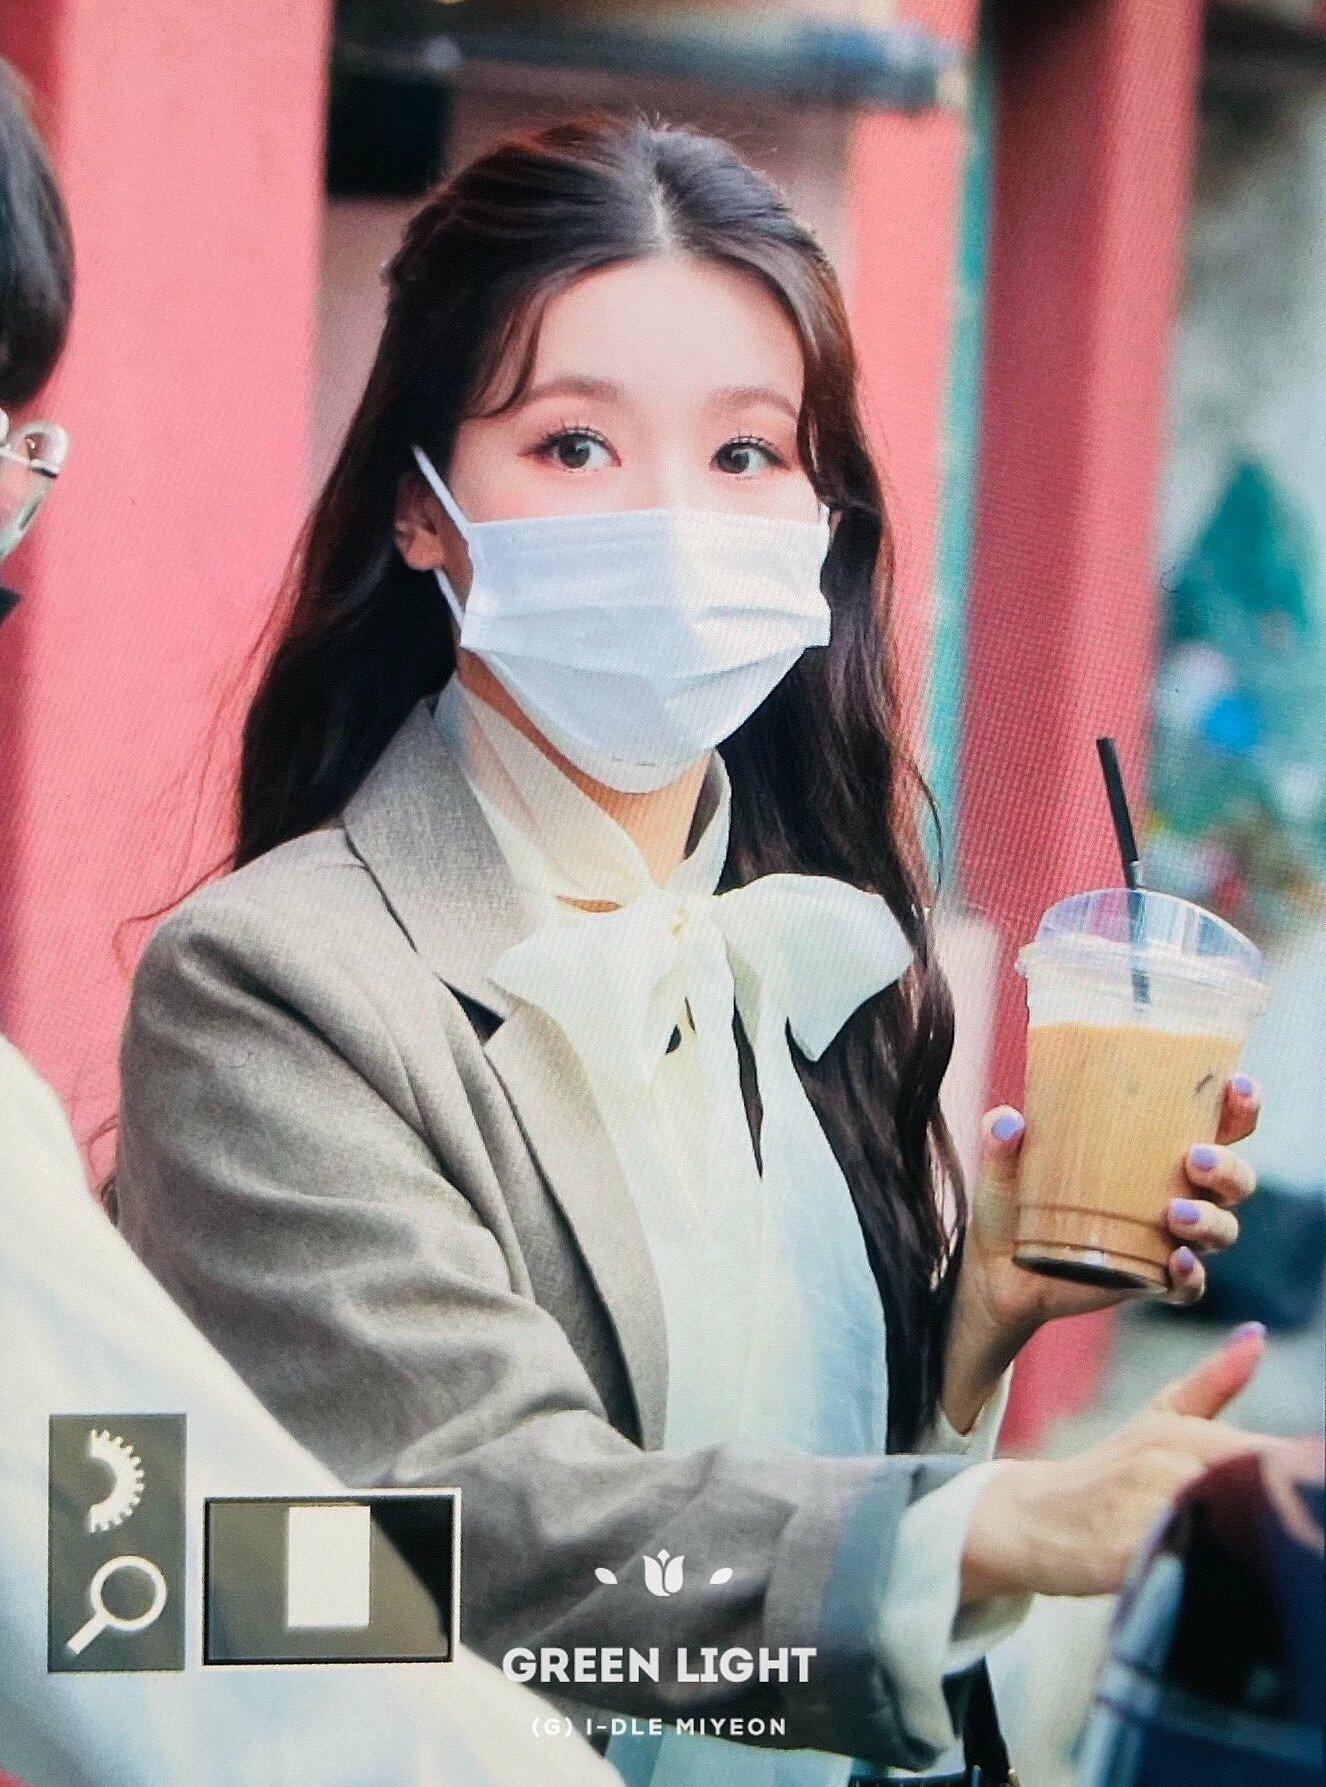 Lúc đi làm, Mi Yeon ra dáng nhân viên công sở...